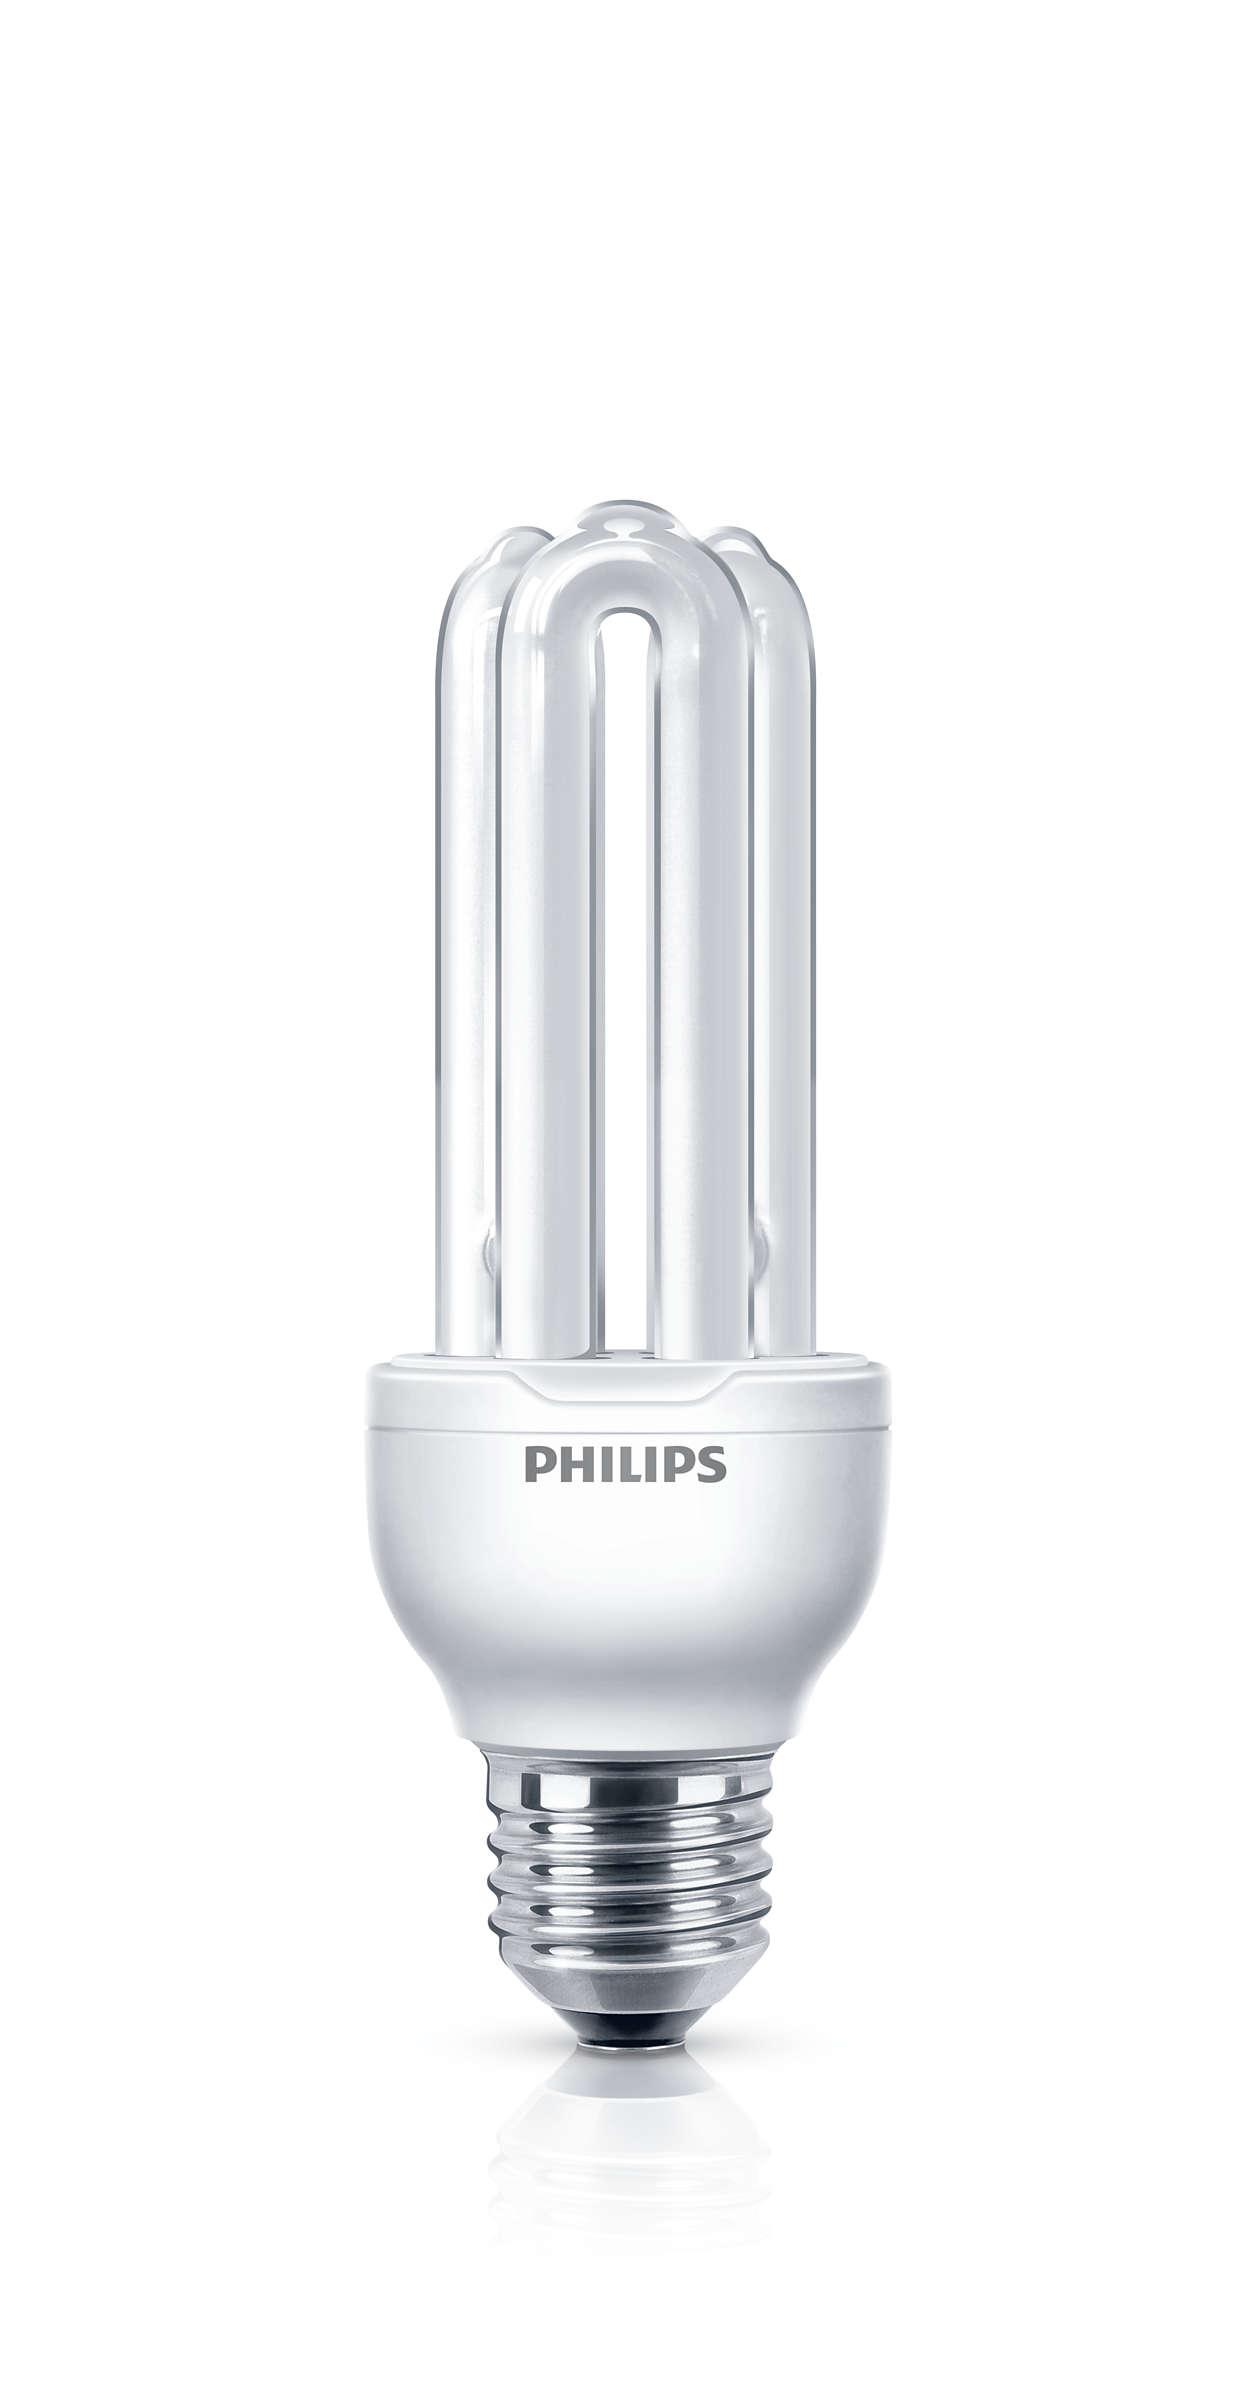 La qualité Philips à prix doux